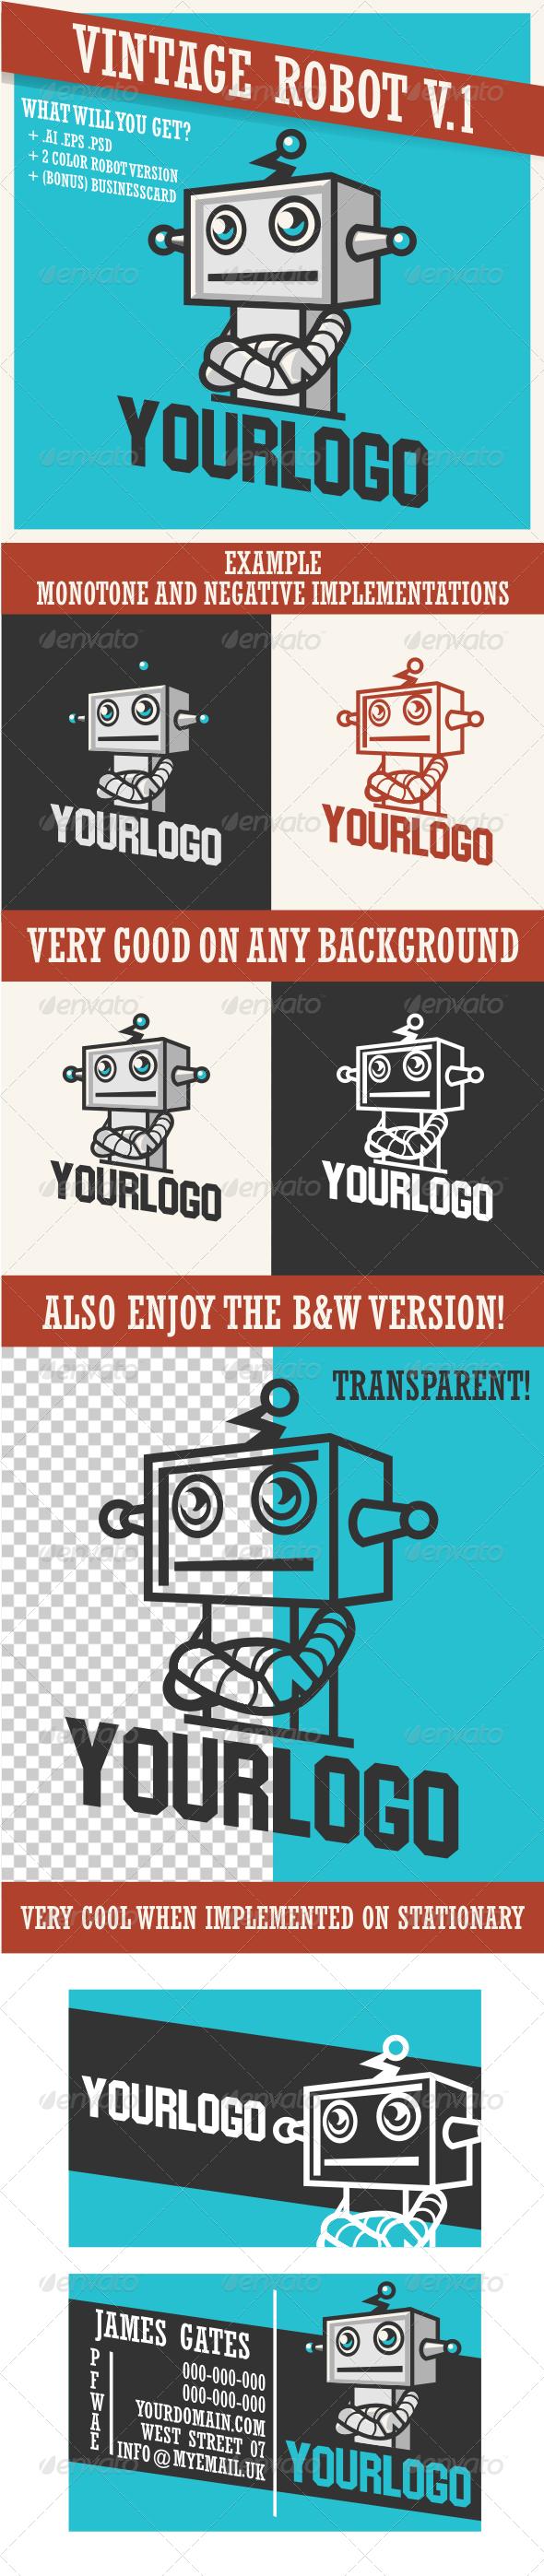 GraphicRiver Vintage Retro Robot V.1 3537262